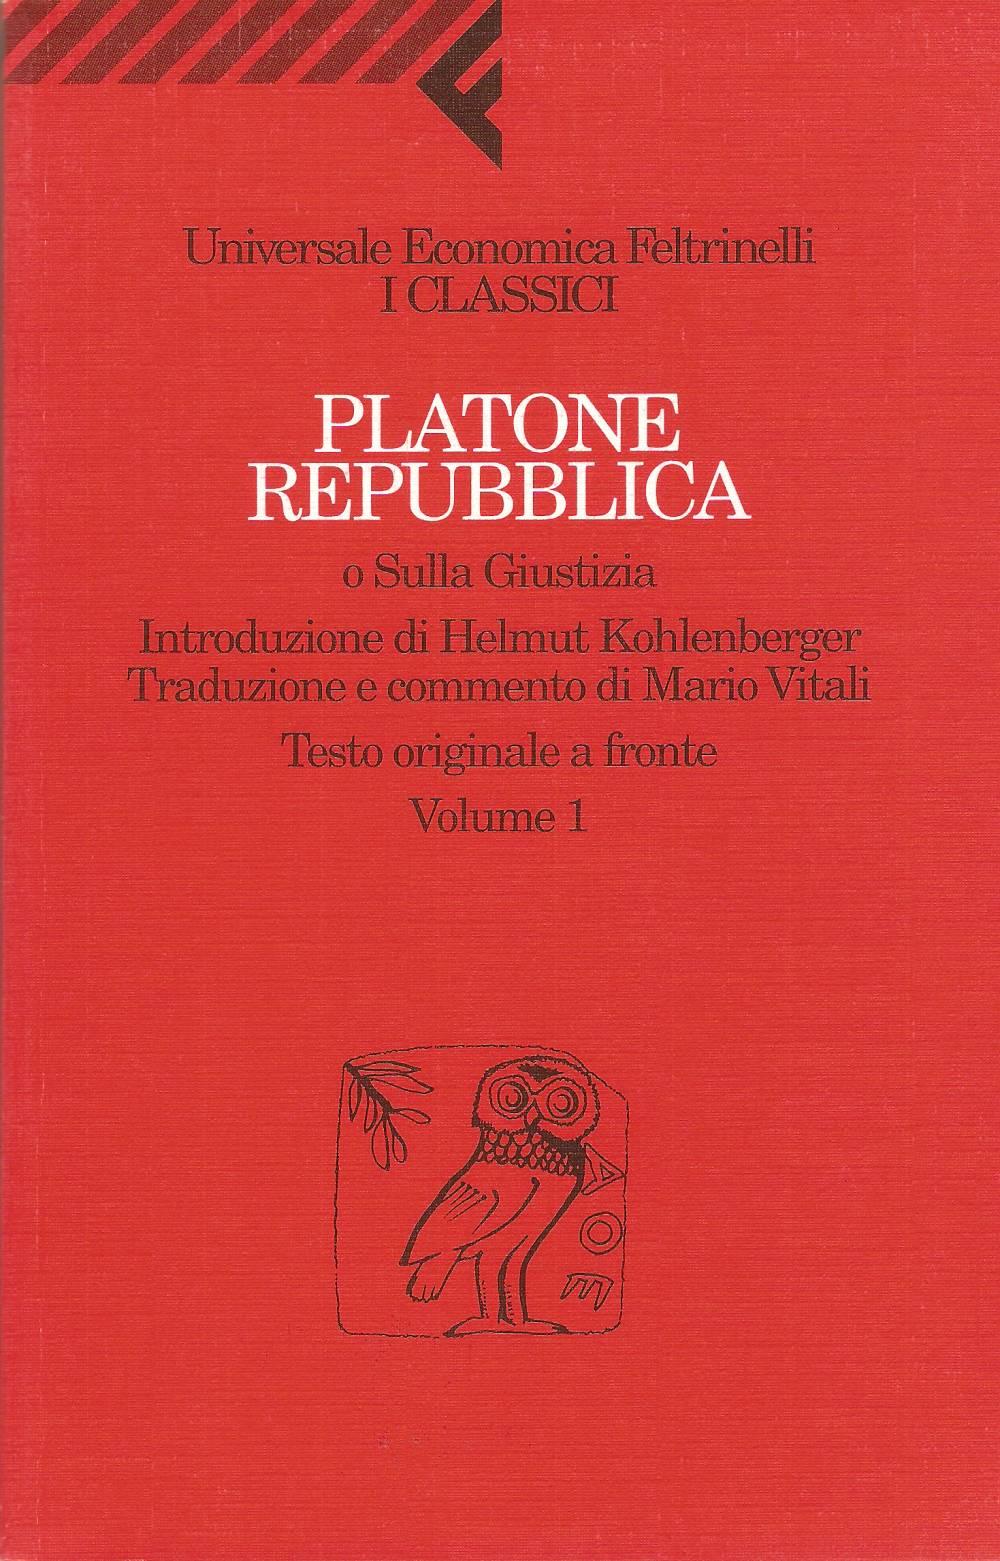 Repubblica o sulla giustizia